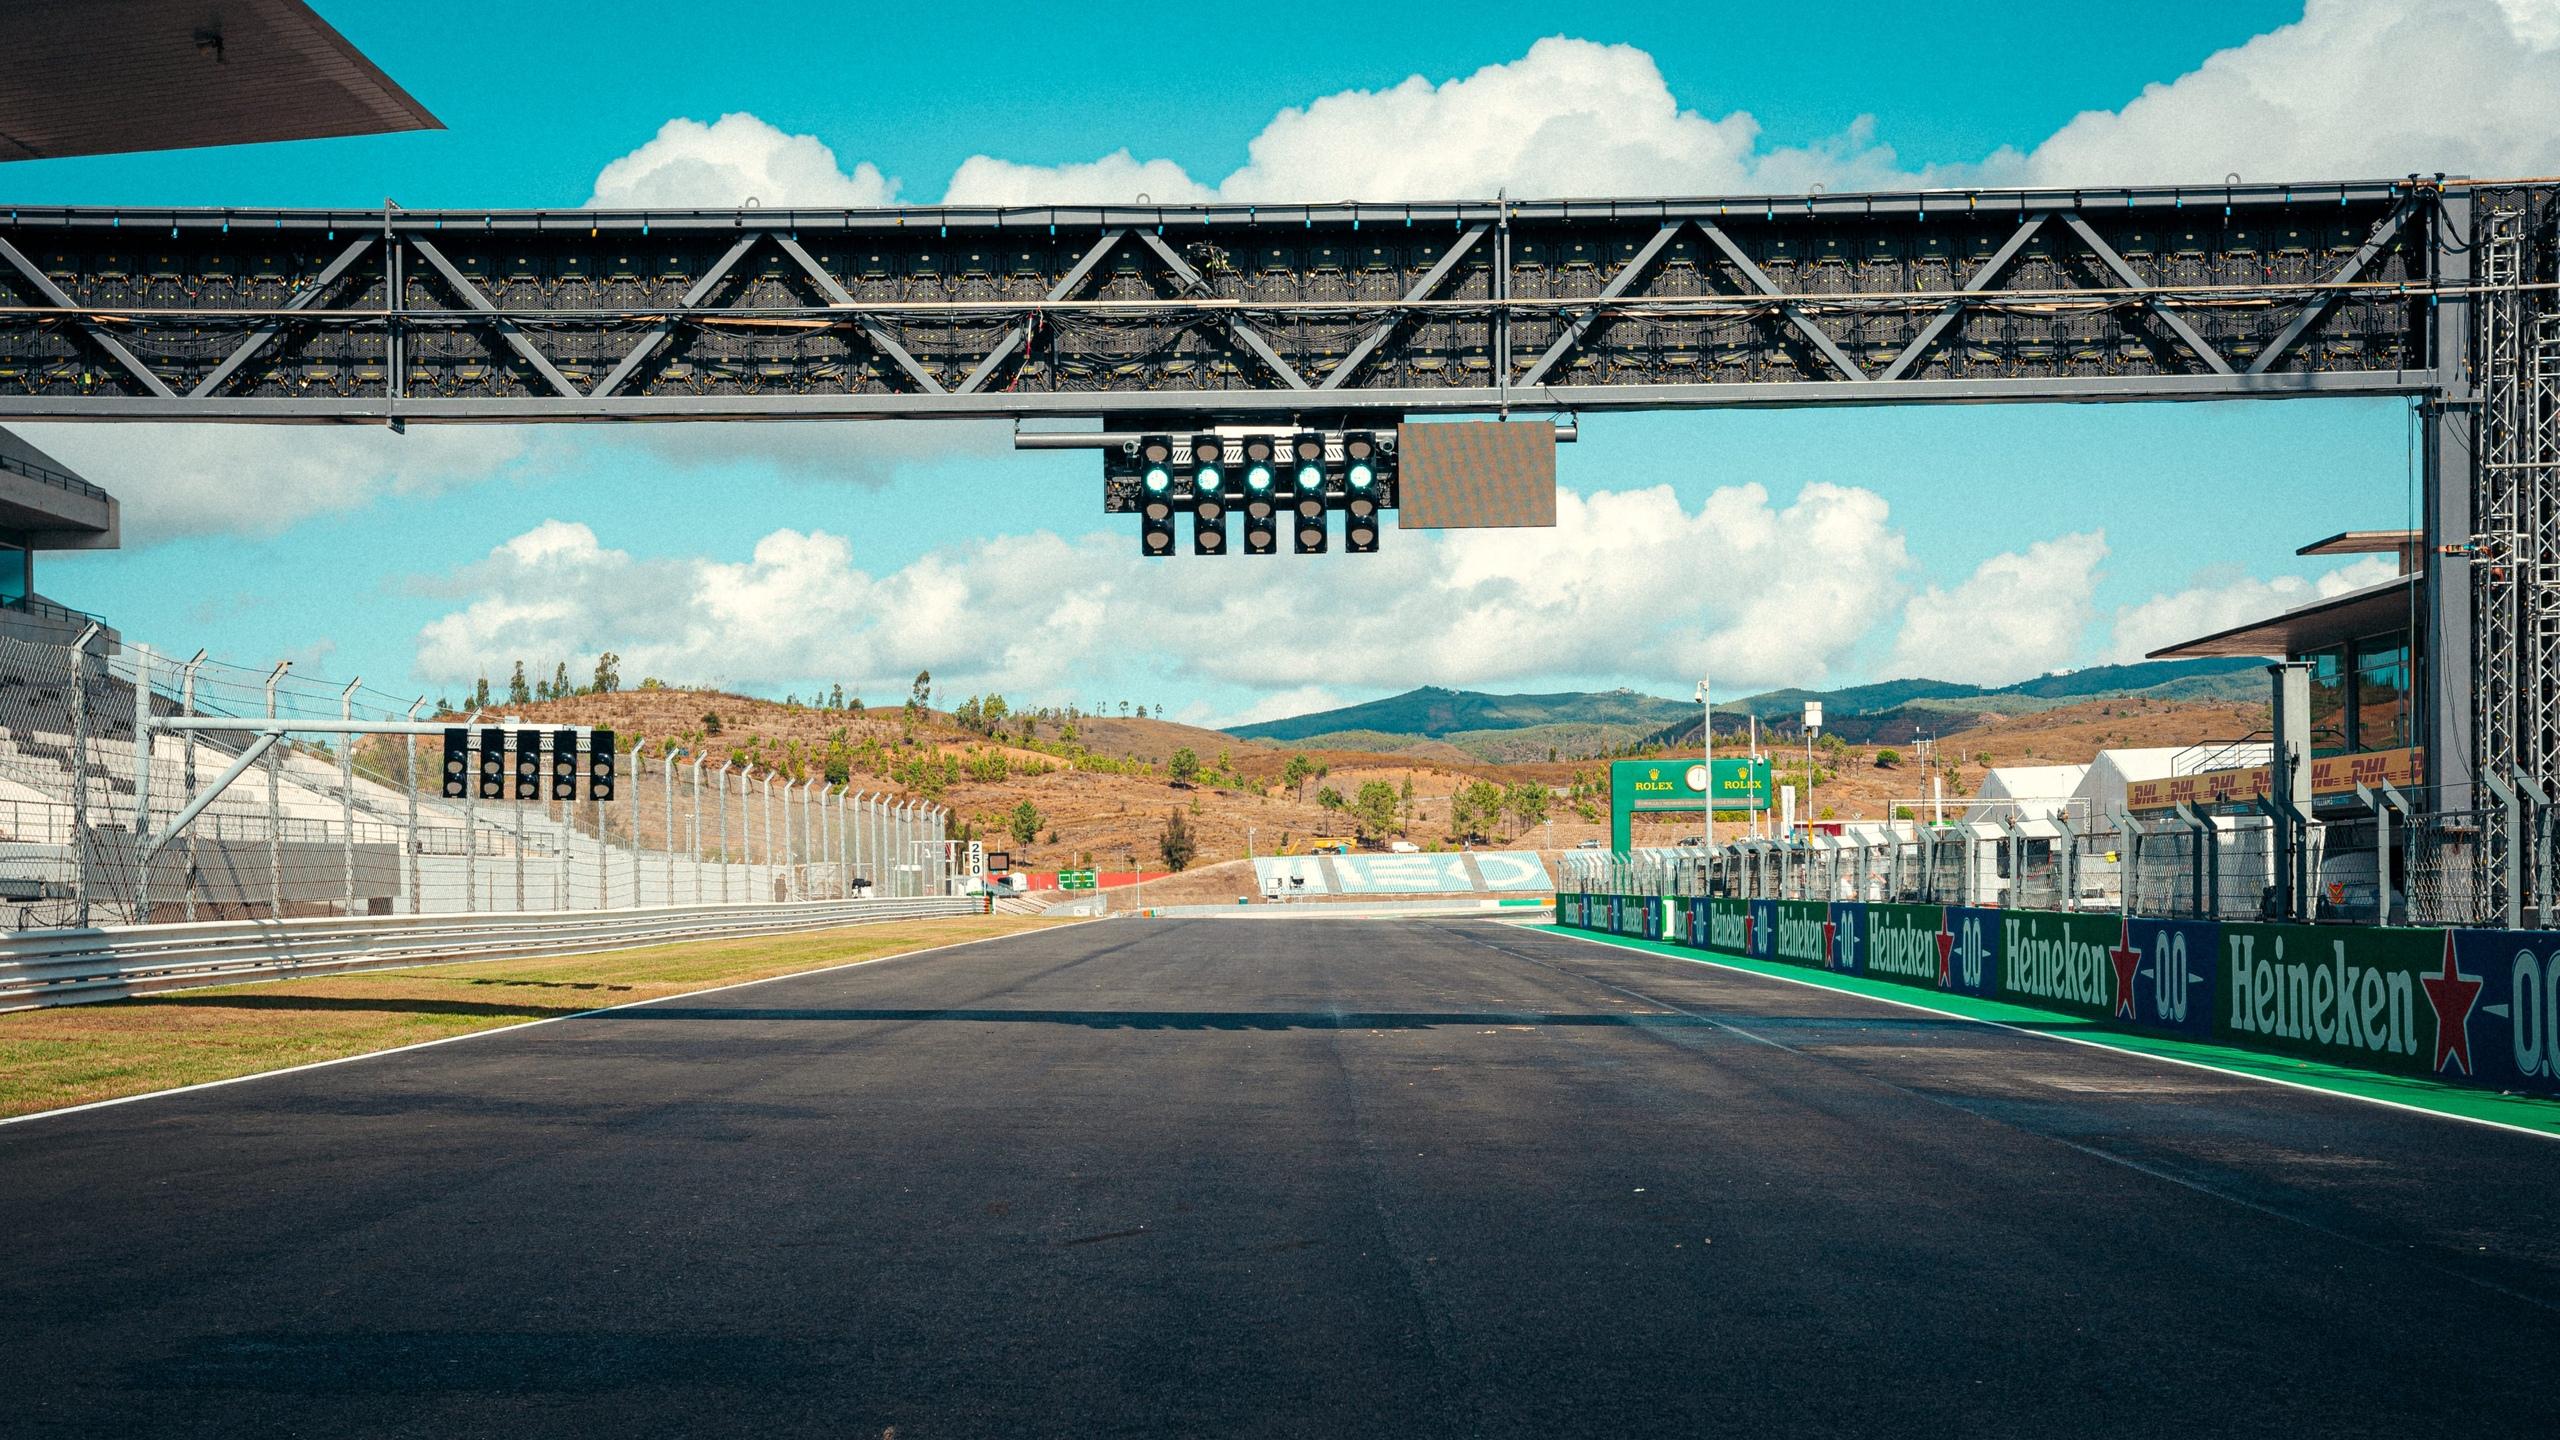 Стартовая прямая автодрома Портимао в Португалии